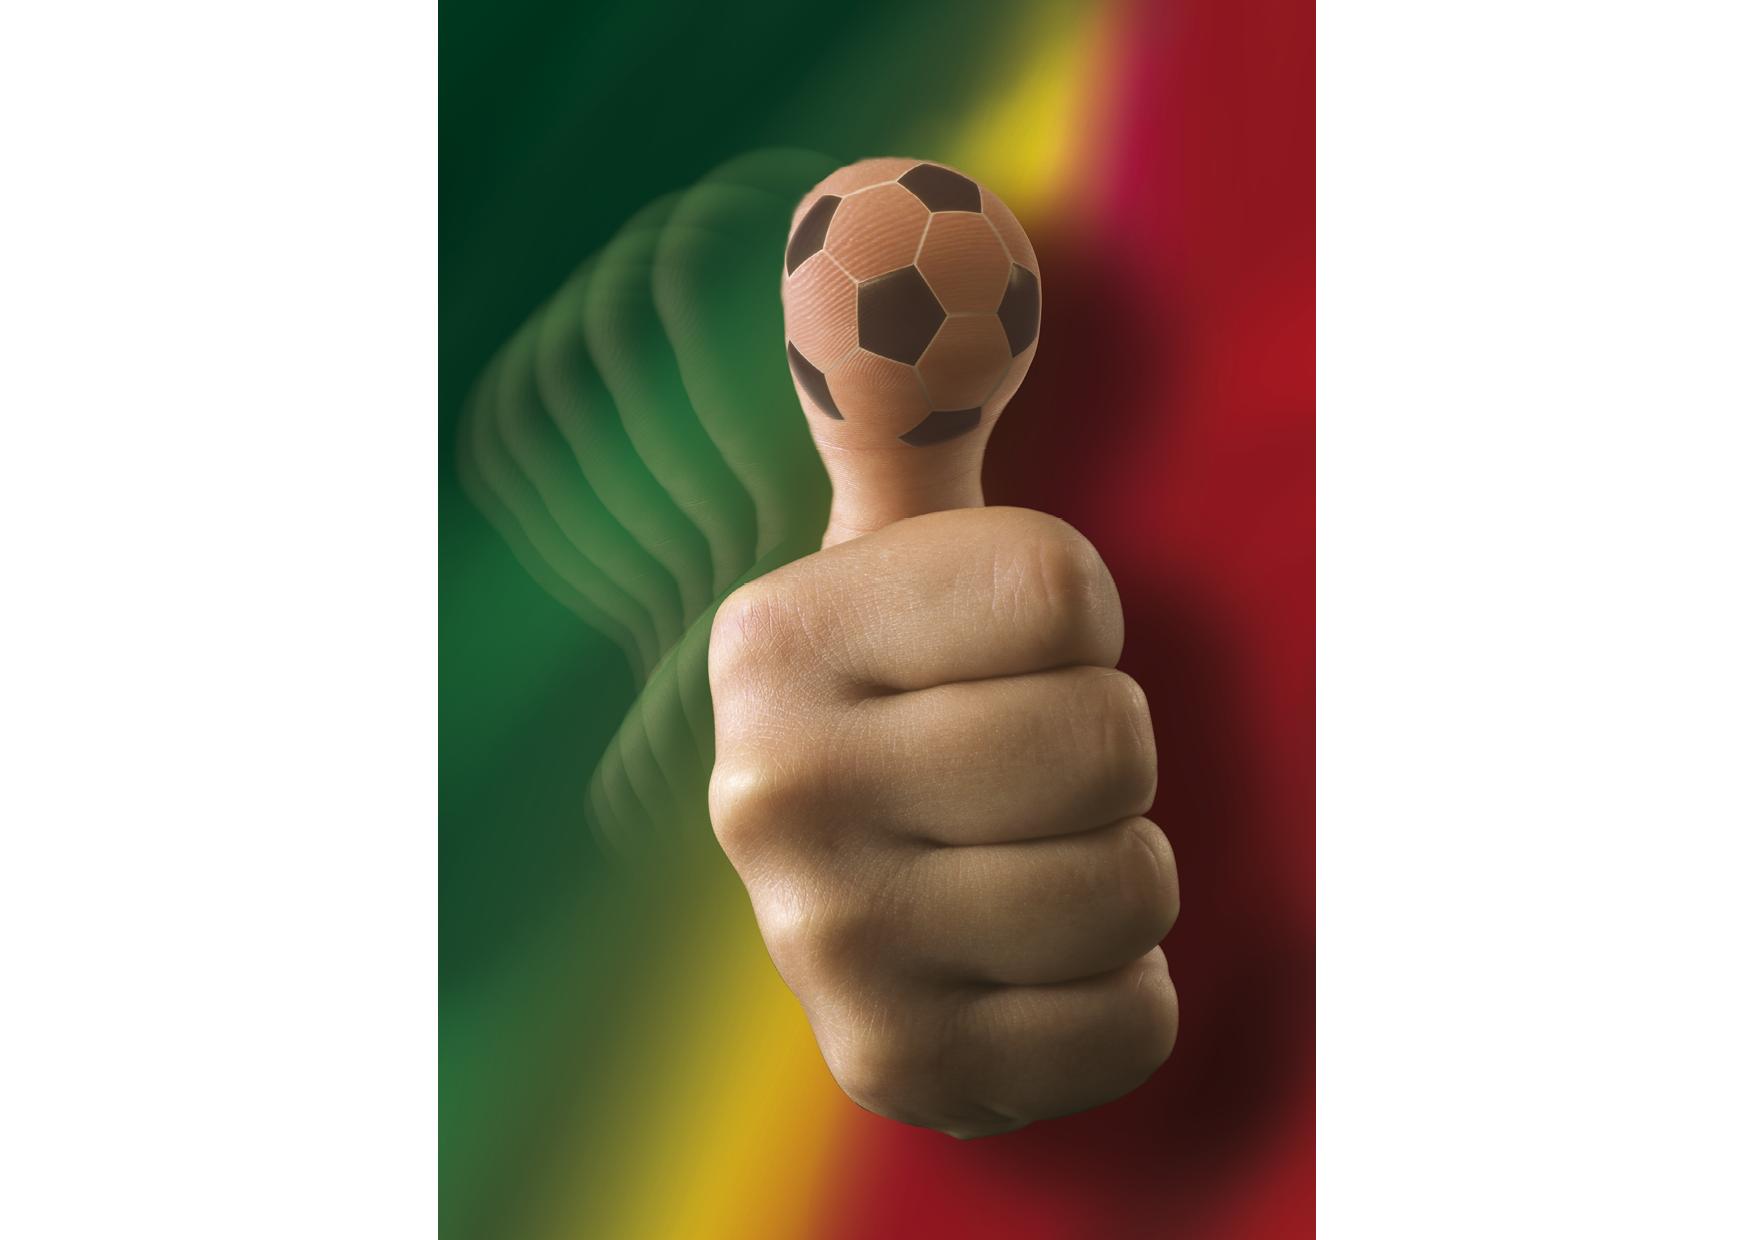 Euro 2004 – J&J, Ideias que não lembram ao diabo